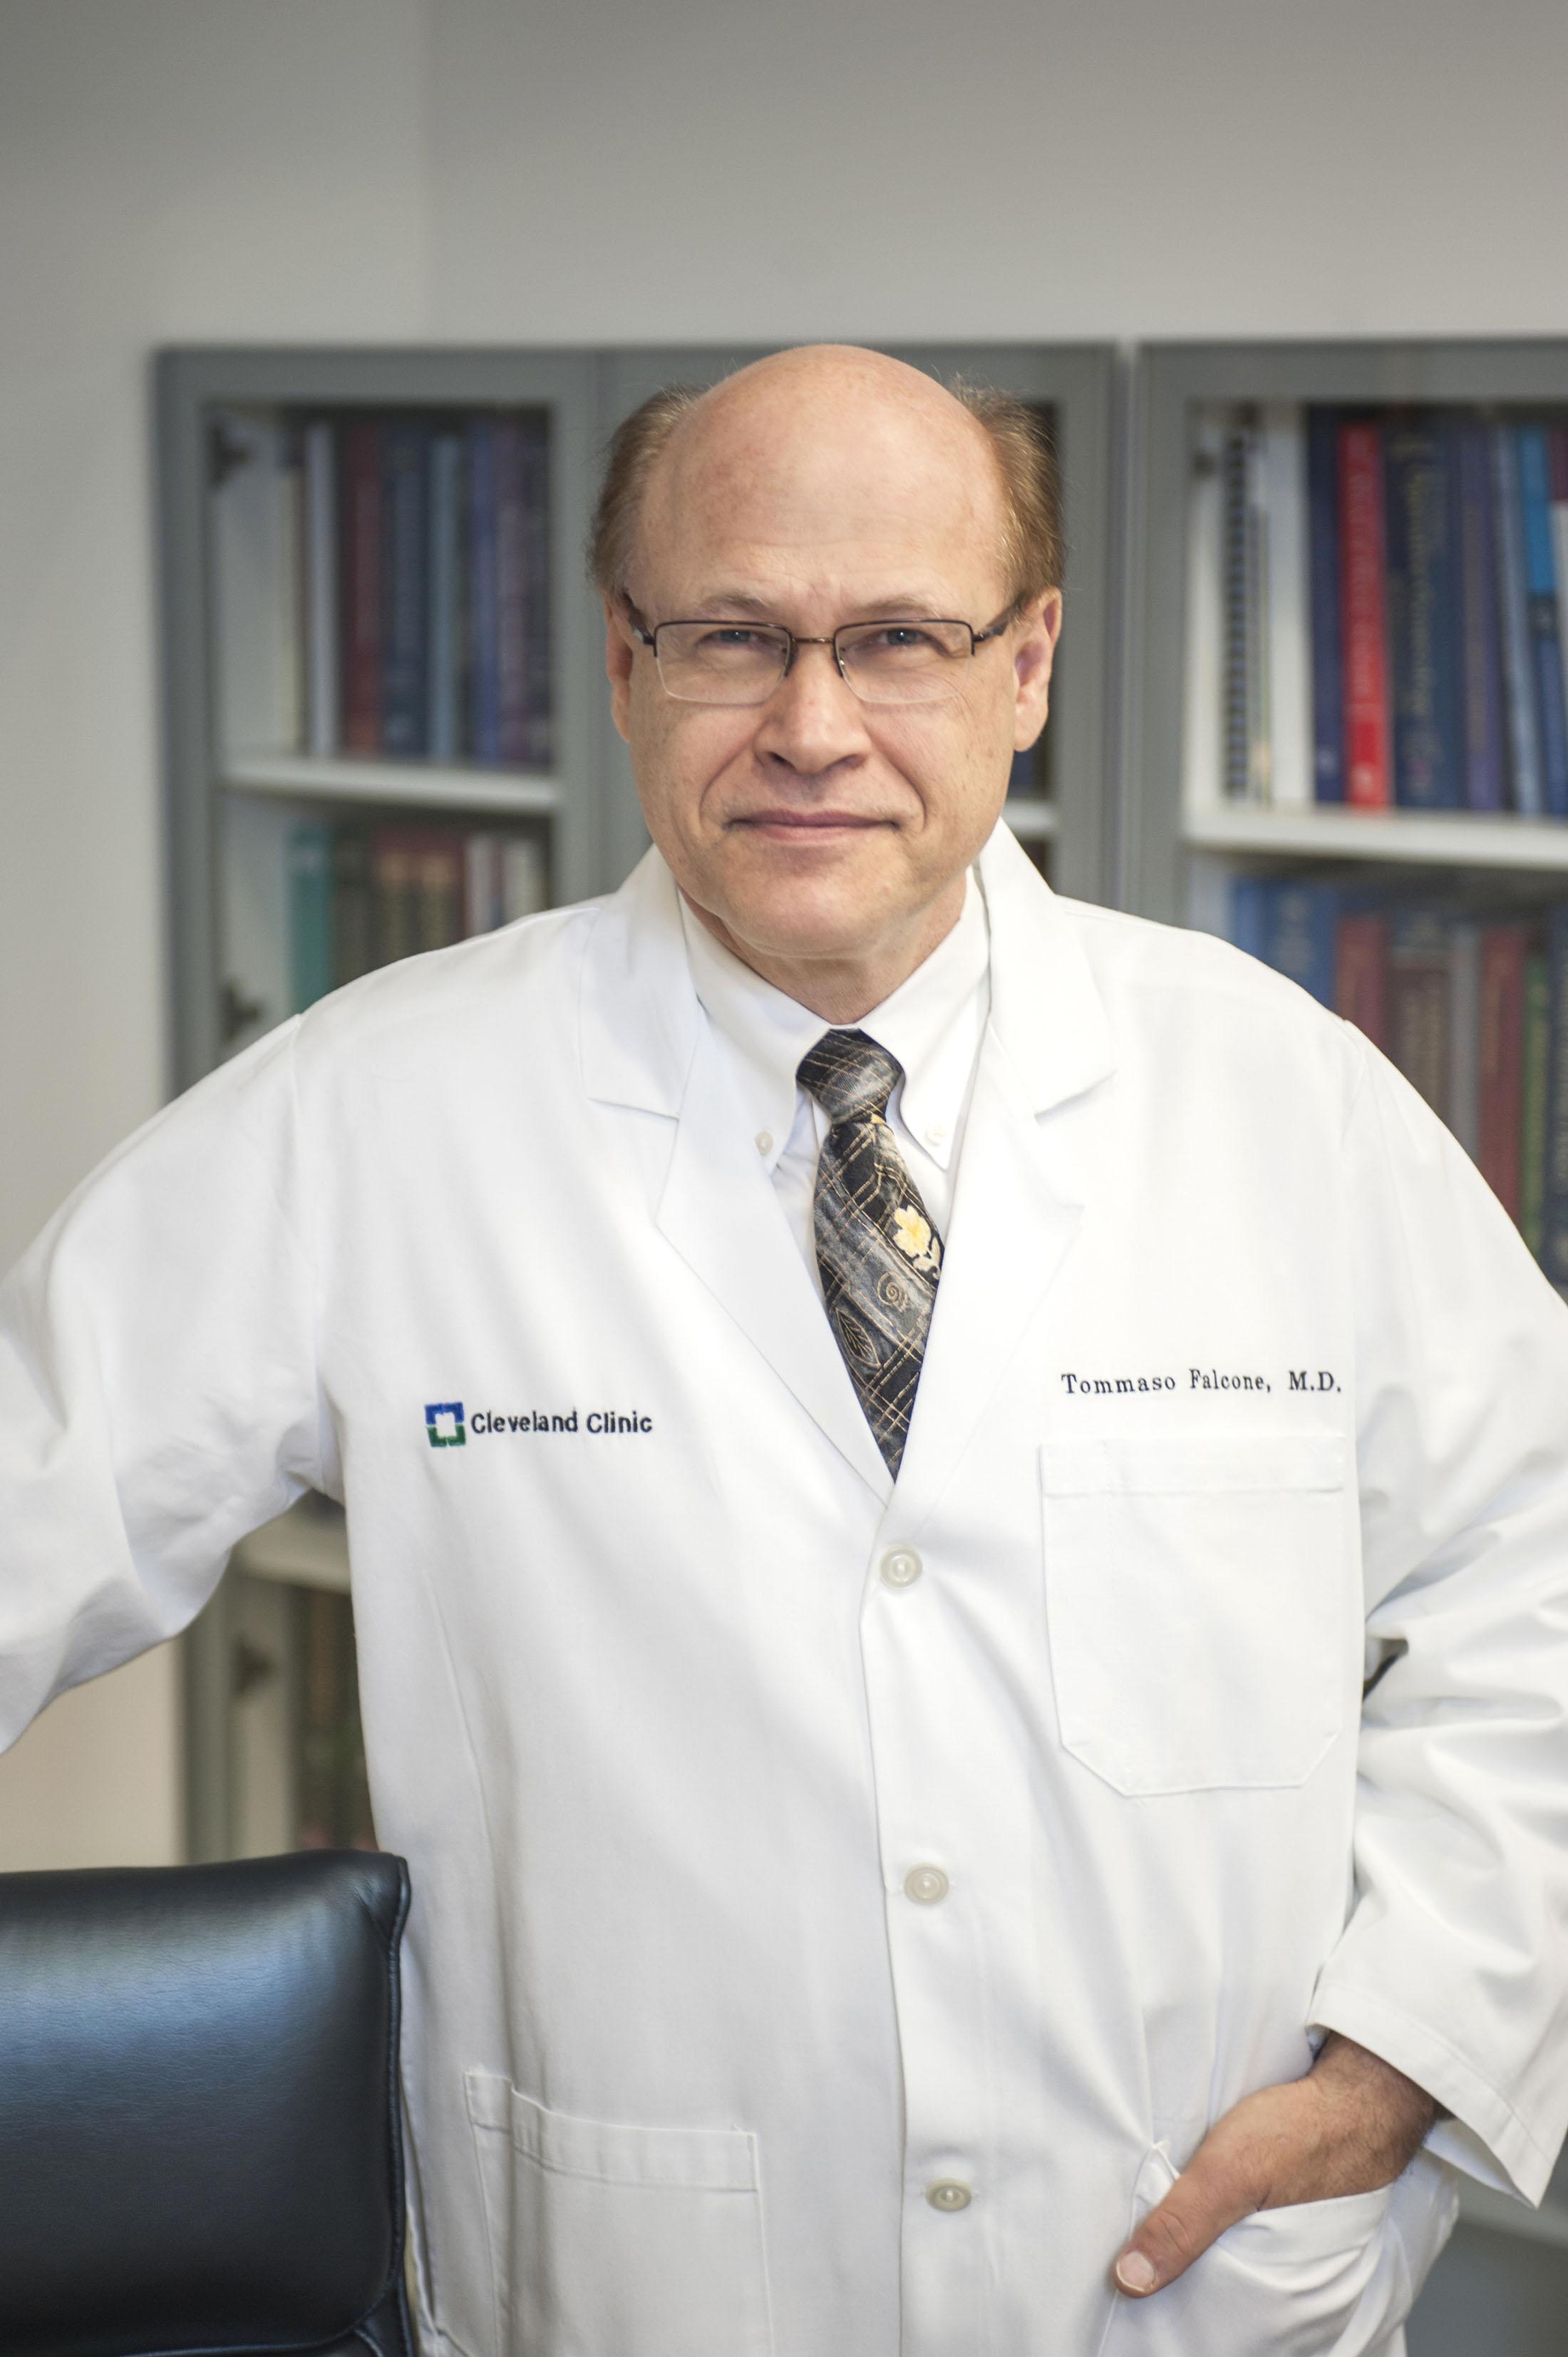 """خبير طبي مجموعة نصائح لعلاج مرض """"بطانة الرحم المهاجرة"""""""